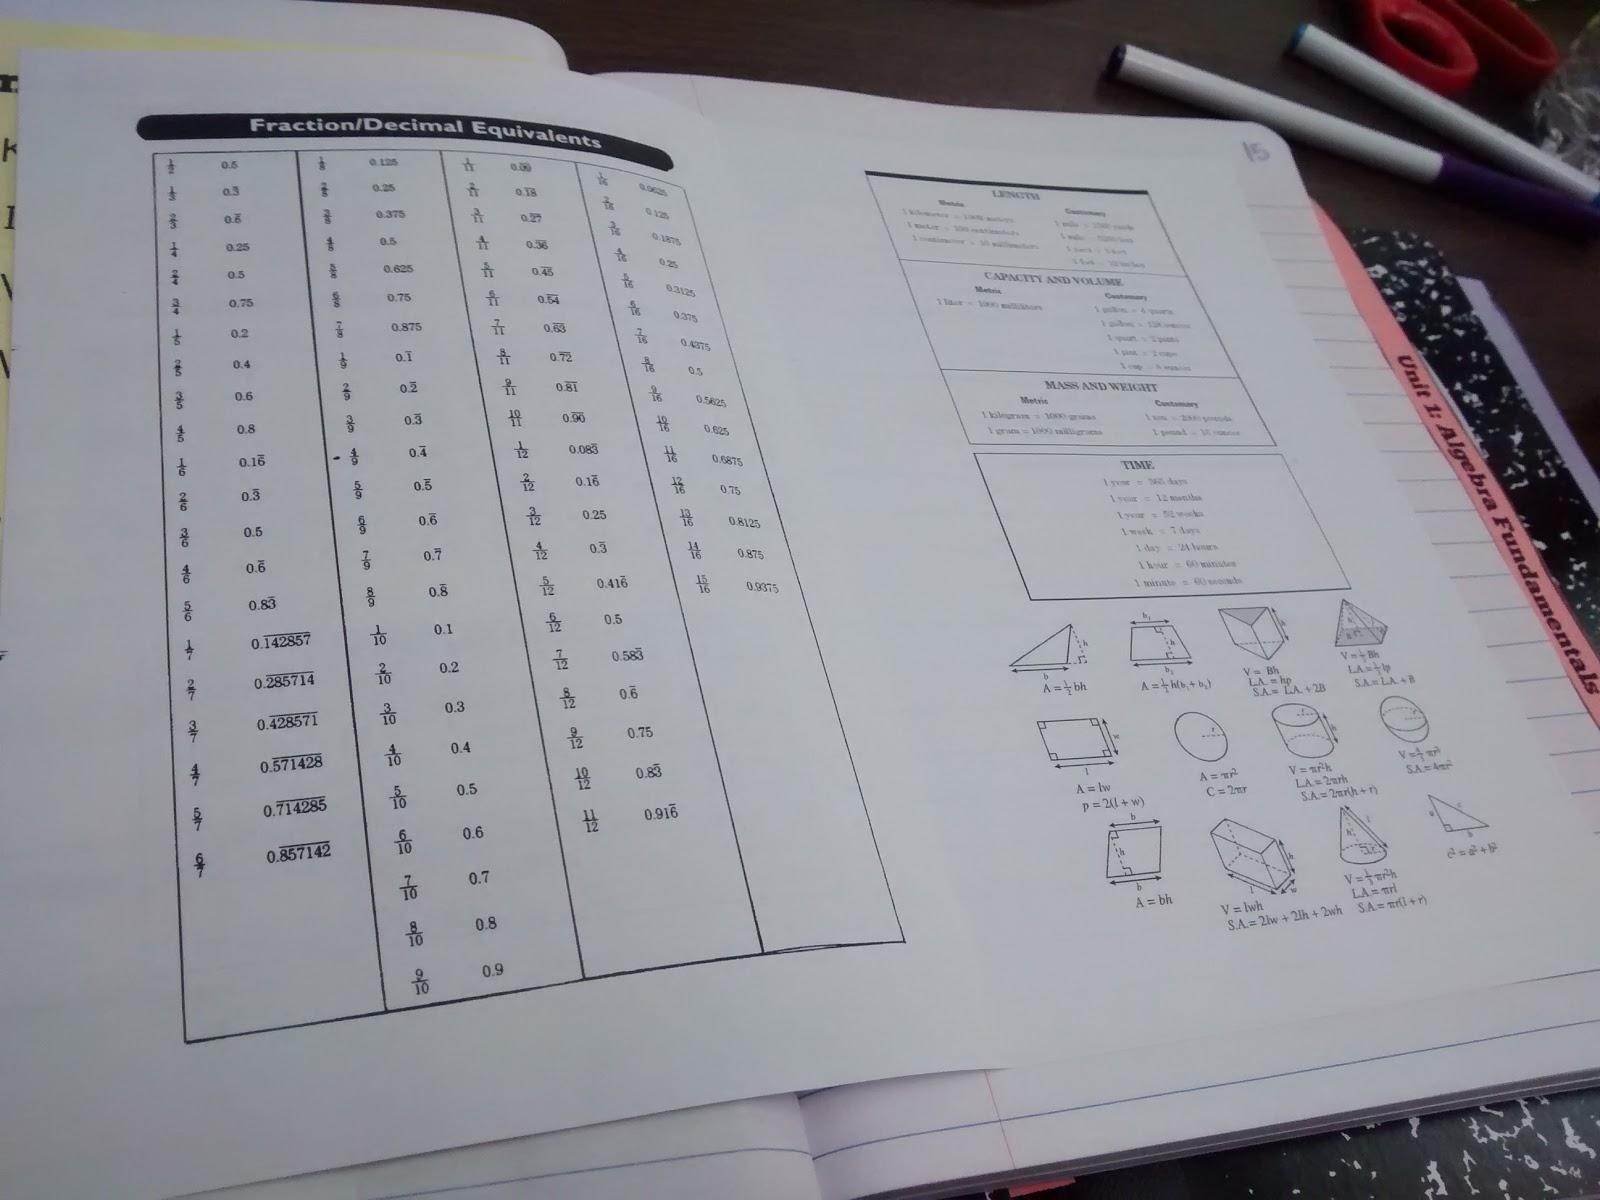 Holt mcdougal algebra 2 2007 online textbook